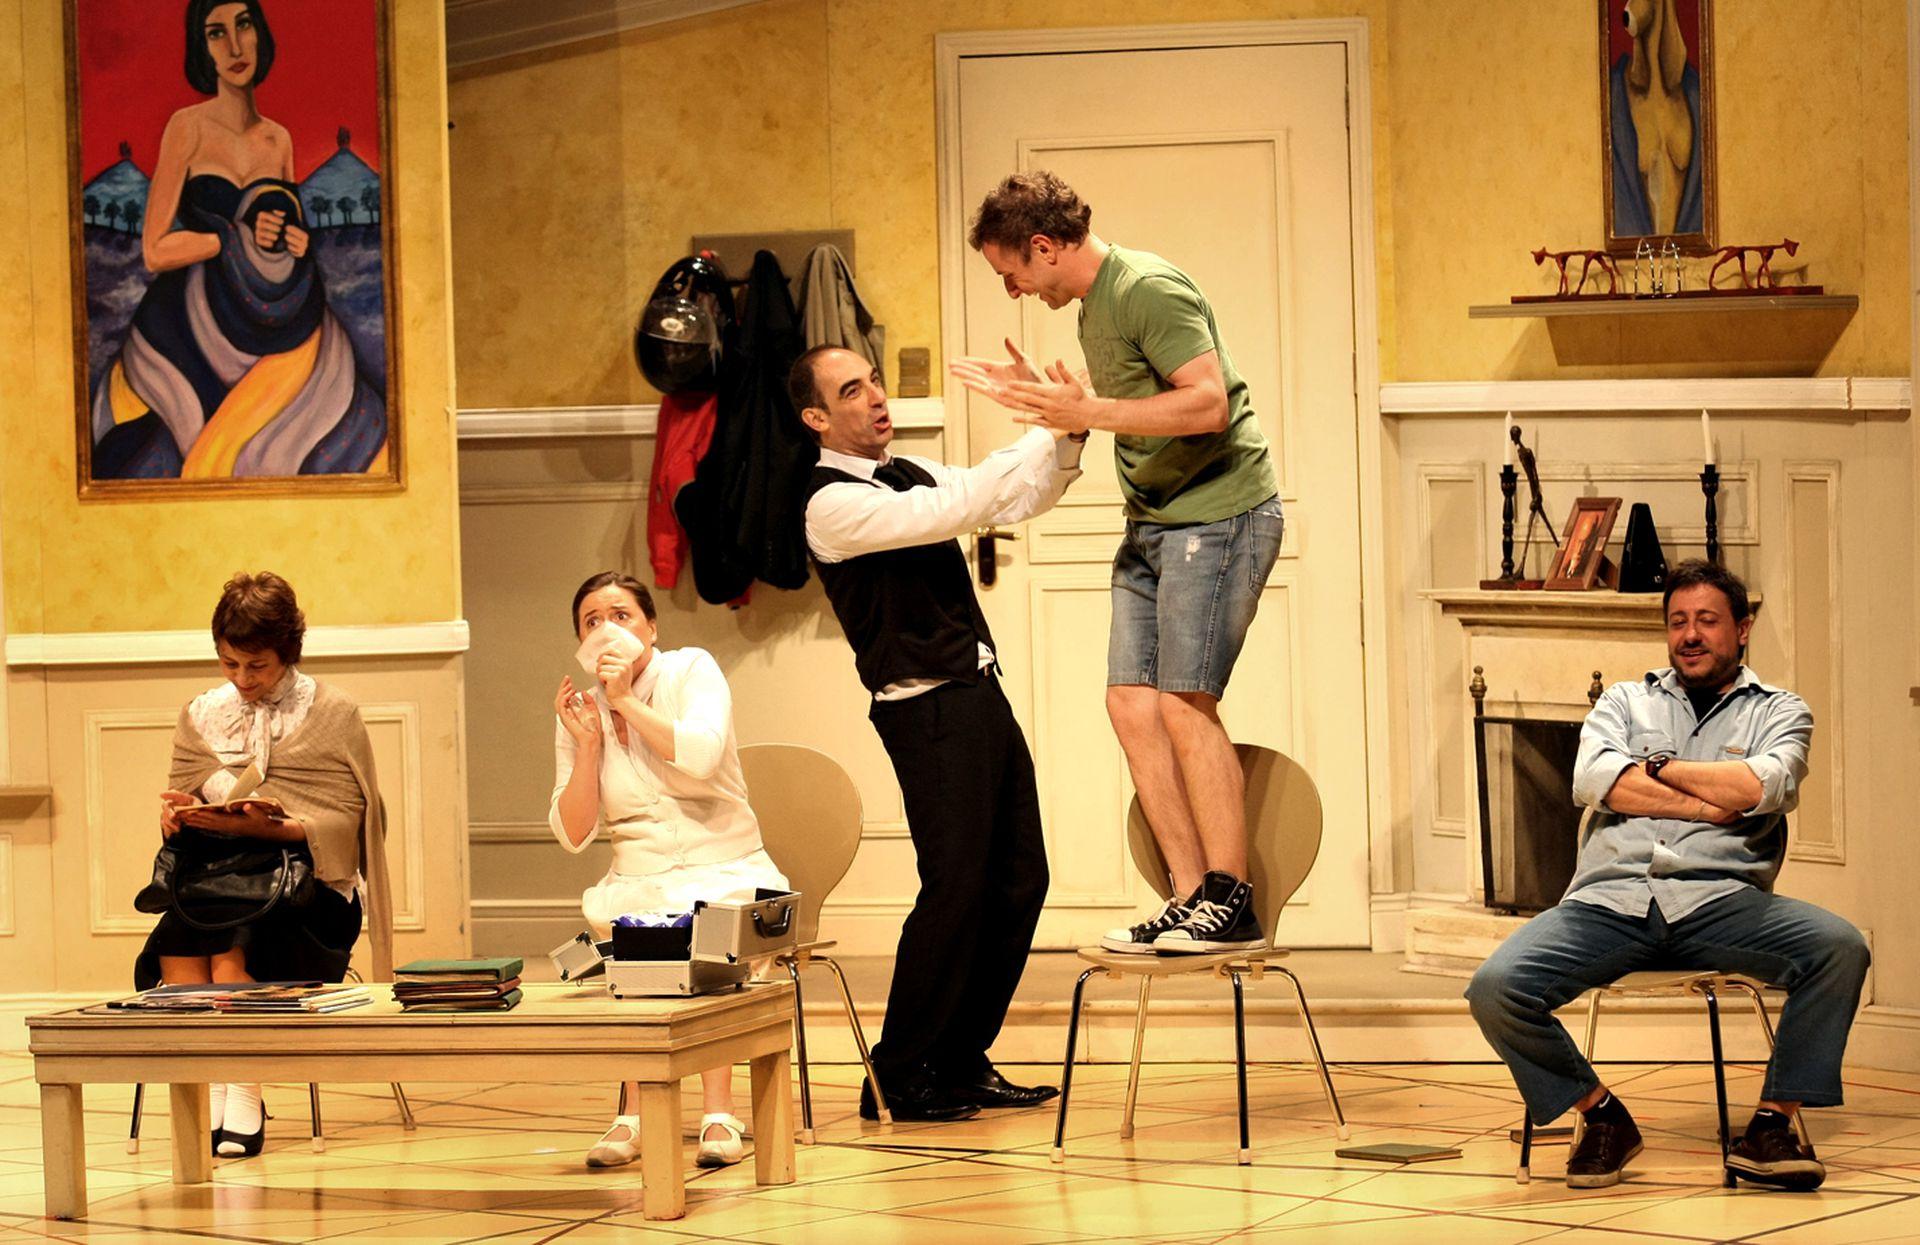 La primera en dejar el elenco fue Gimena Riestra, a quien reemplazó la talentosa Eugenia Guerty, acá en una escena, con María Fiorentino, Daniel Casablanca, Mauricio Dayub y Diego Gentile, en el Teatro Neptuno, Mar del Plata (2012)